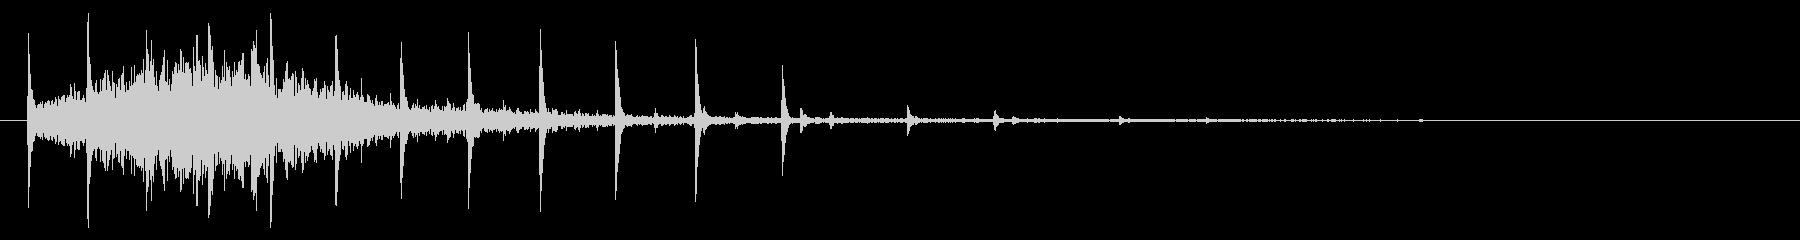 チクタク/スロー/魔法_2の未再生の波形